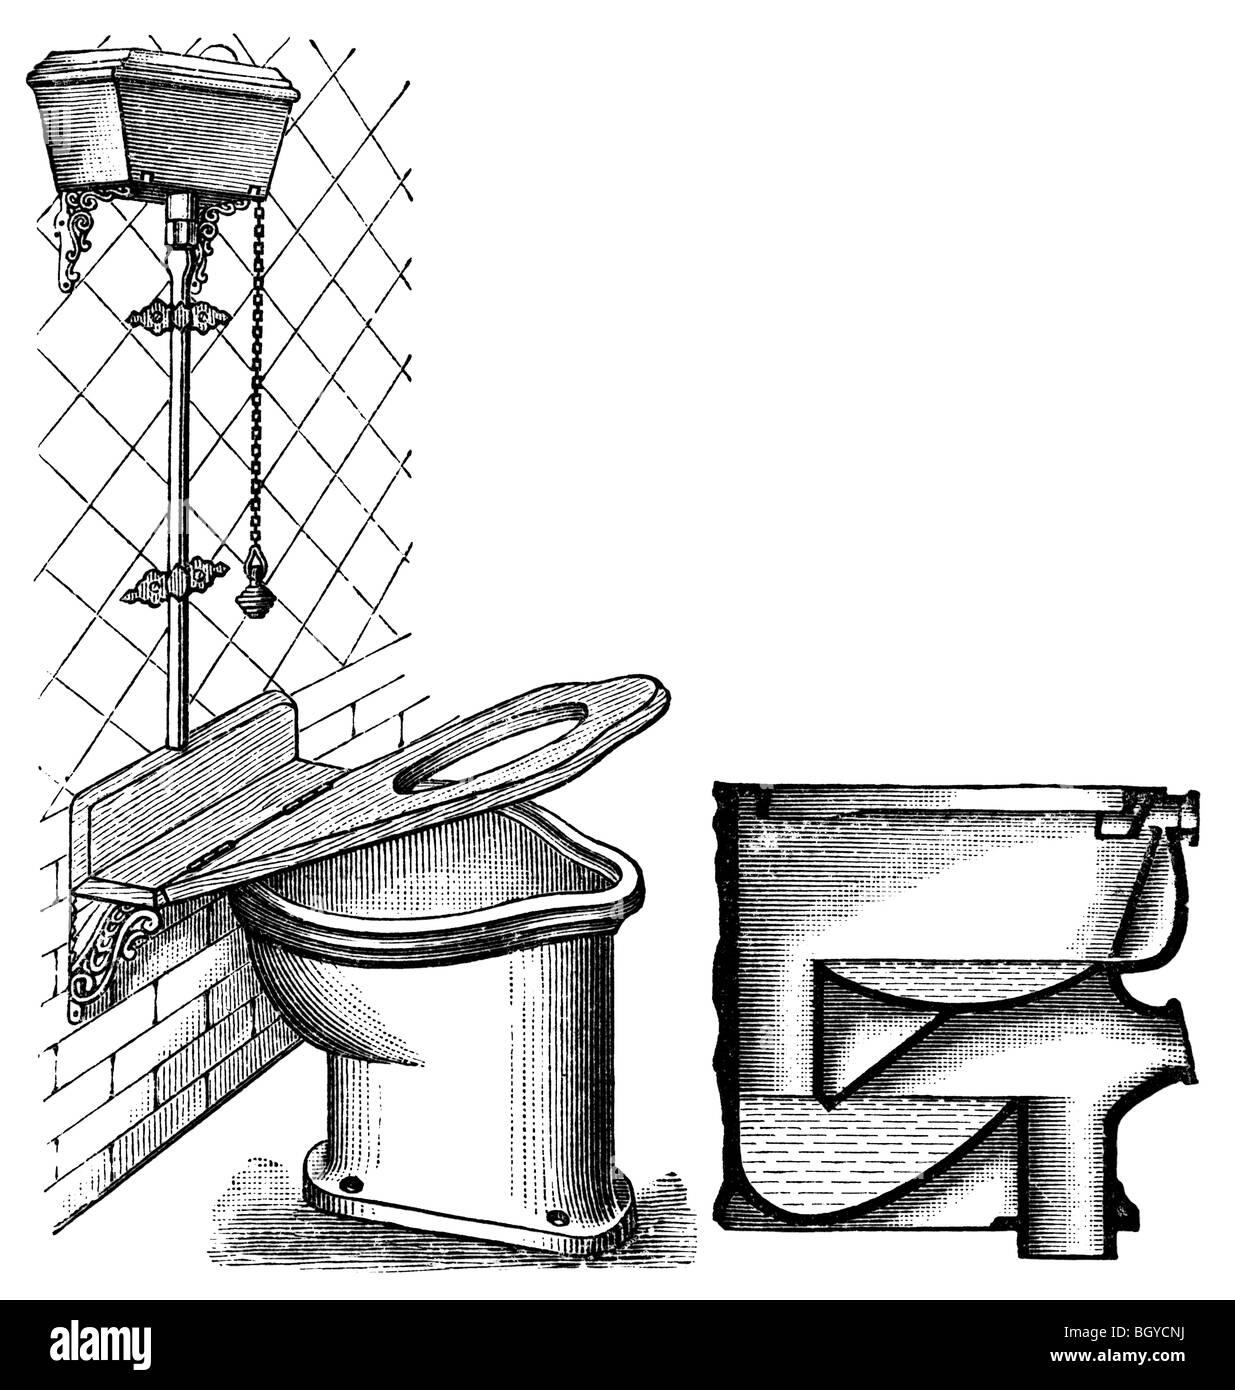 Water Closet Historical Stock Photos Amp Water Closet